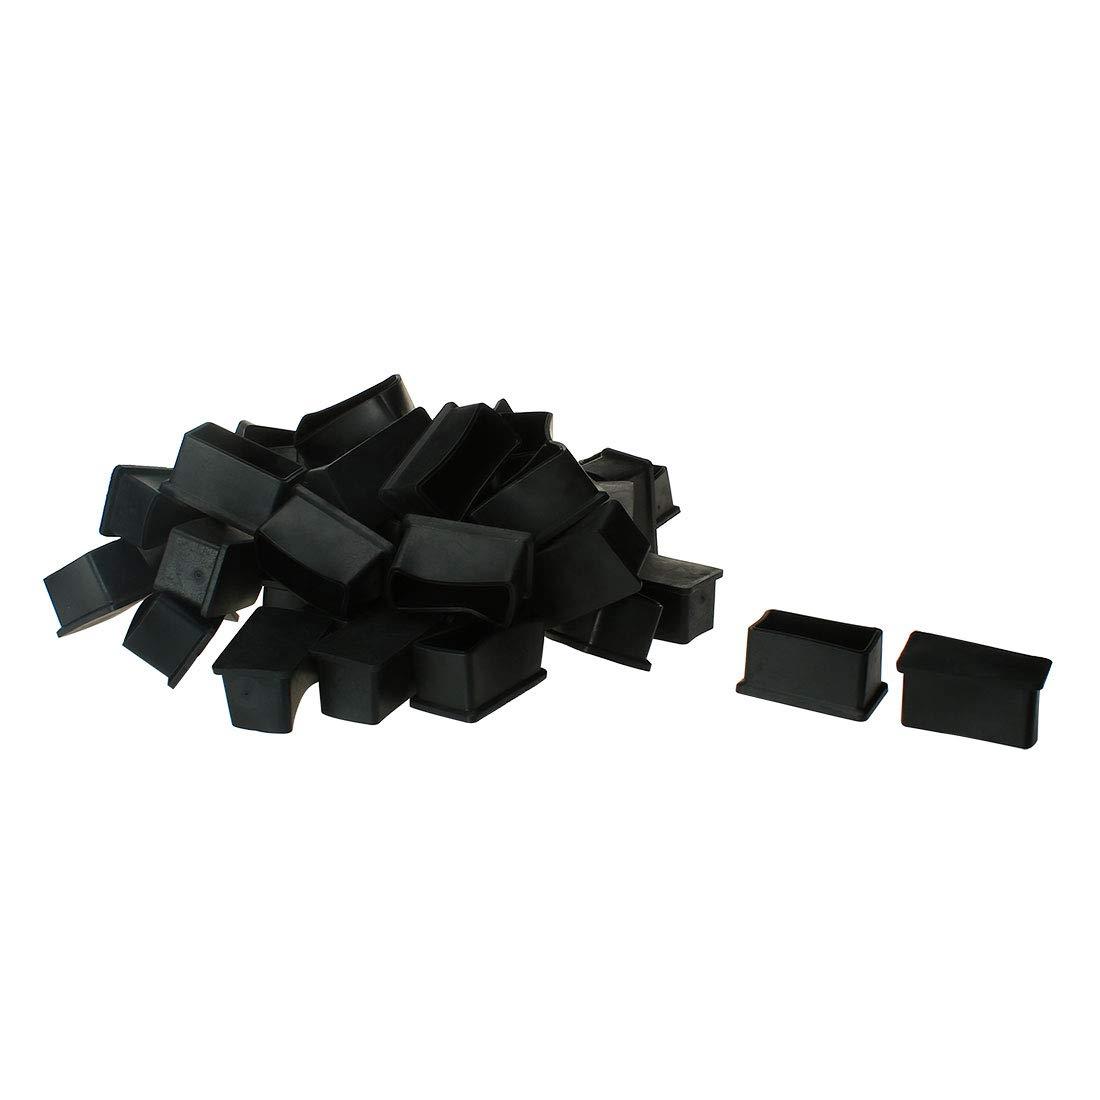 OKSLO Pvc leg caps tips feet covers 40x60mm inner size 50pcs antislip prevent scratch